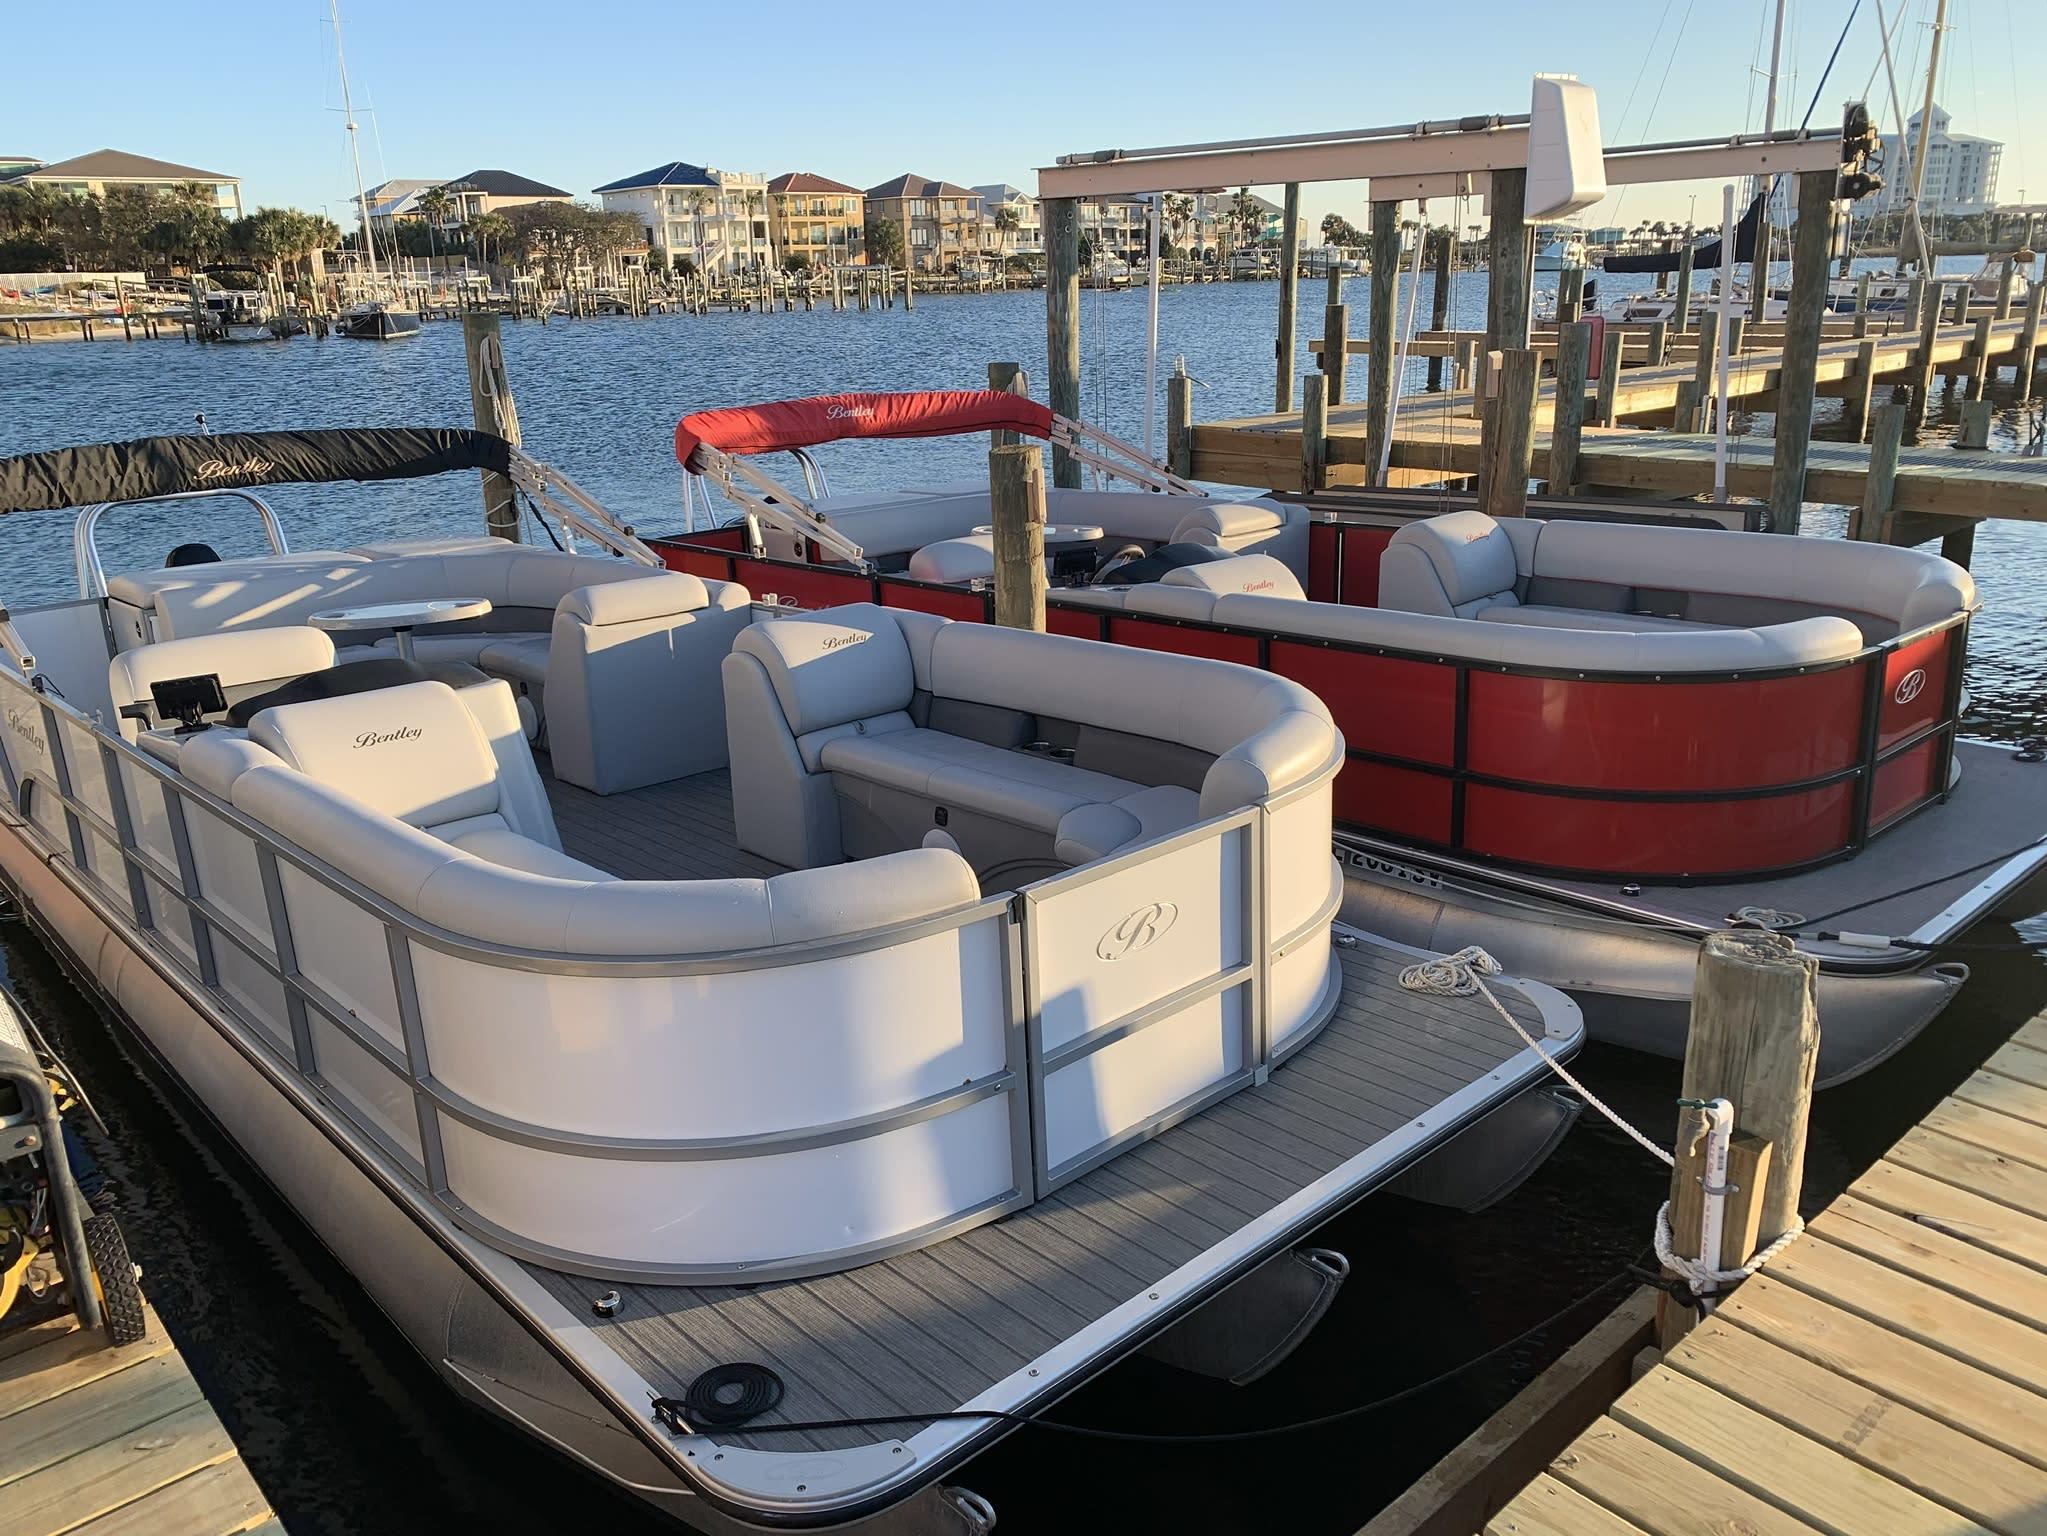 Pensacola Beach Dolphin Tours, Pontoons & More! We